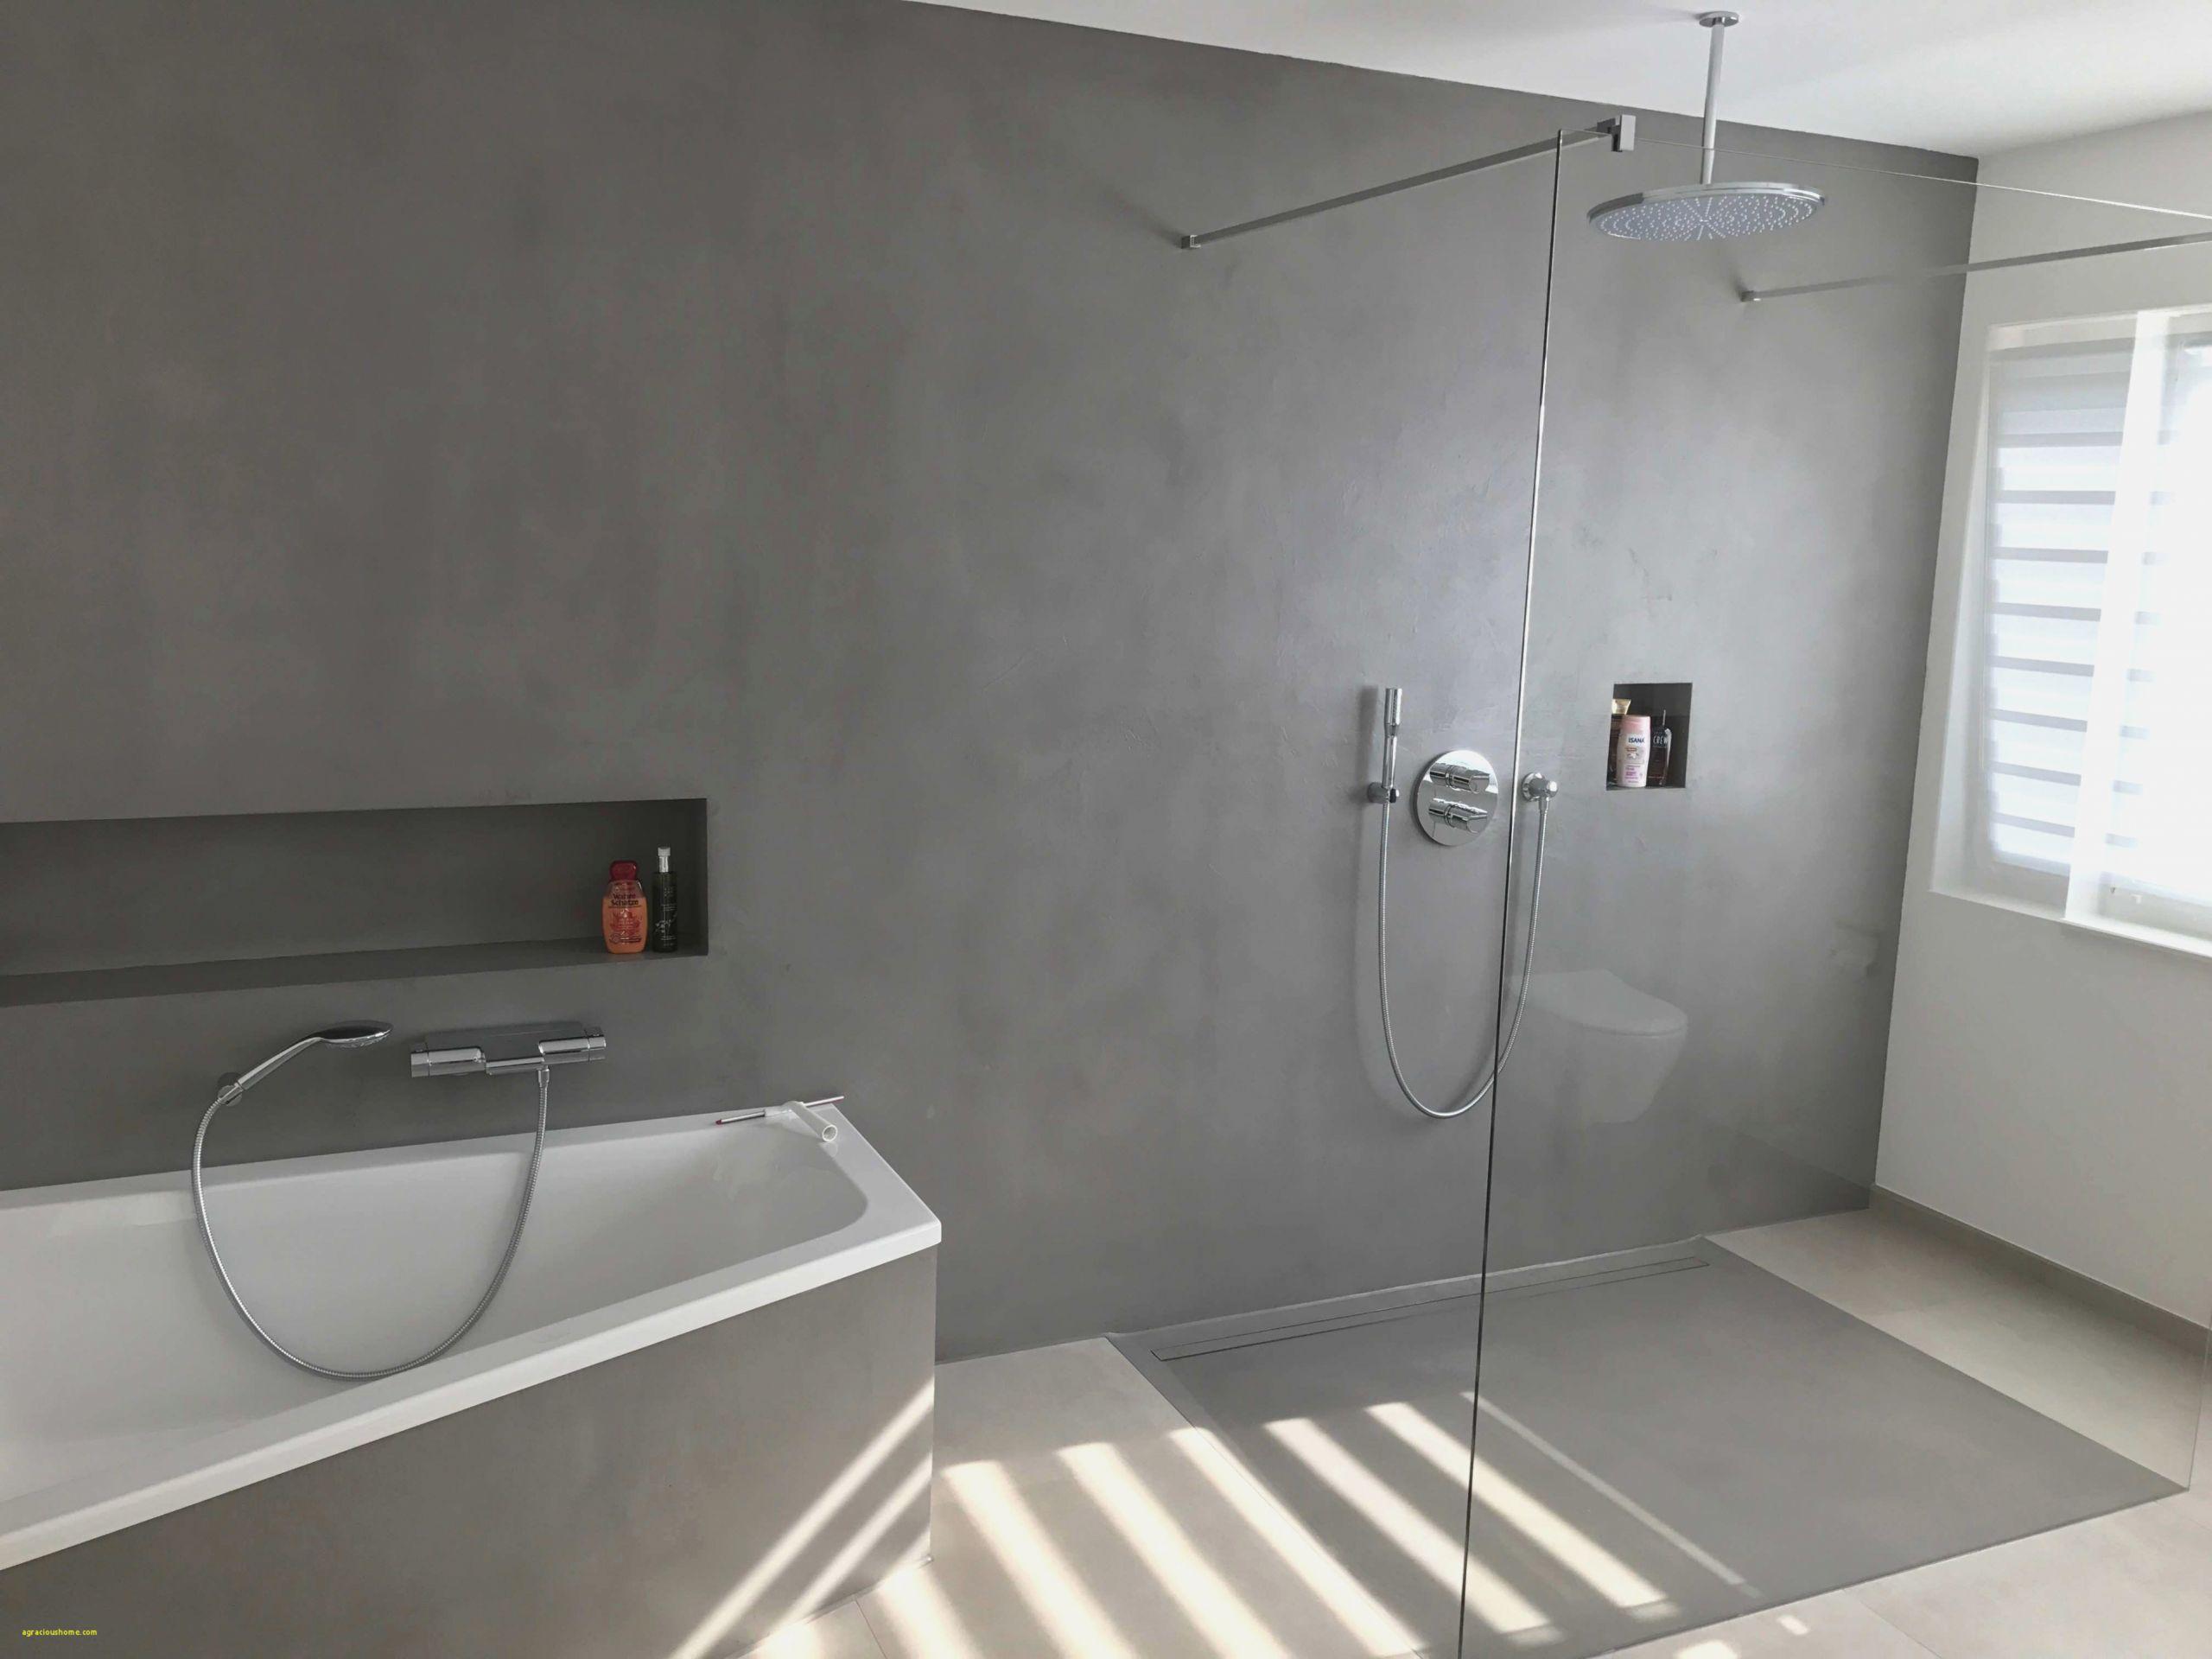 Full Size of Bodengleiche Duschen Dusche Abfluss Schulte Werksverkauf Einbauen Moderne Sprinz Hüppe Fliesen Kaufen Nachträglich Breuer Hsk Begehbare Dusche Bodengleiche Duschen